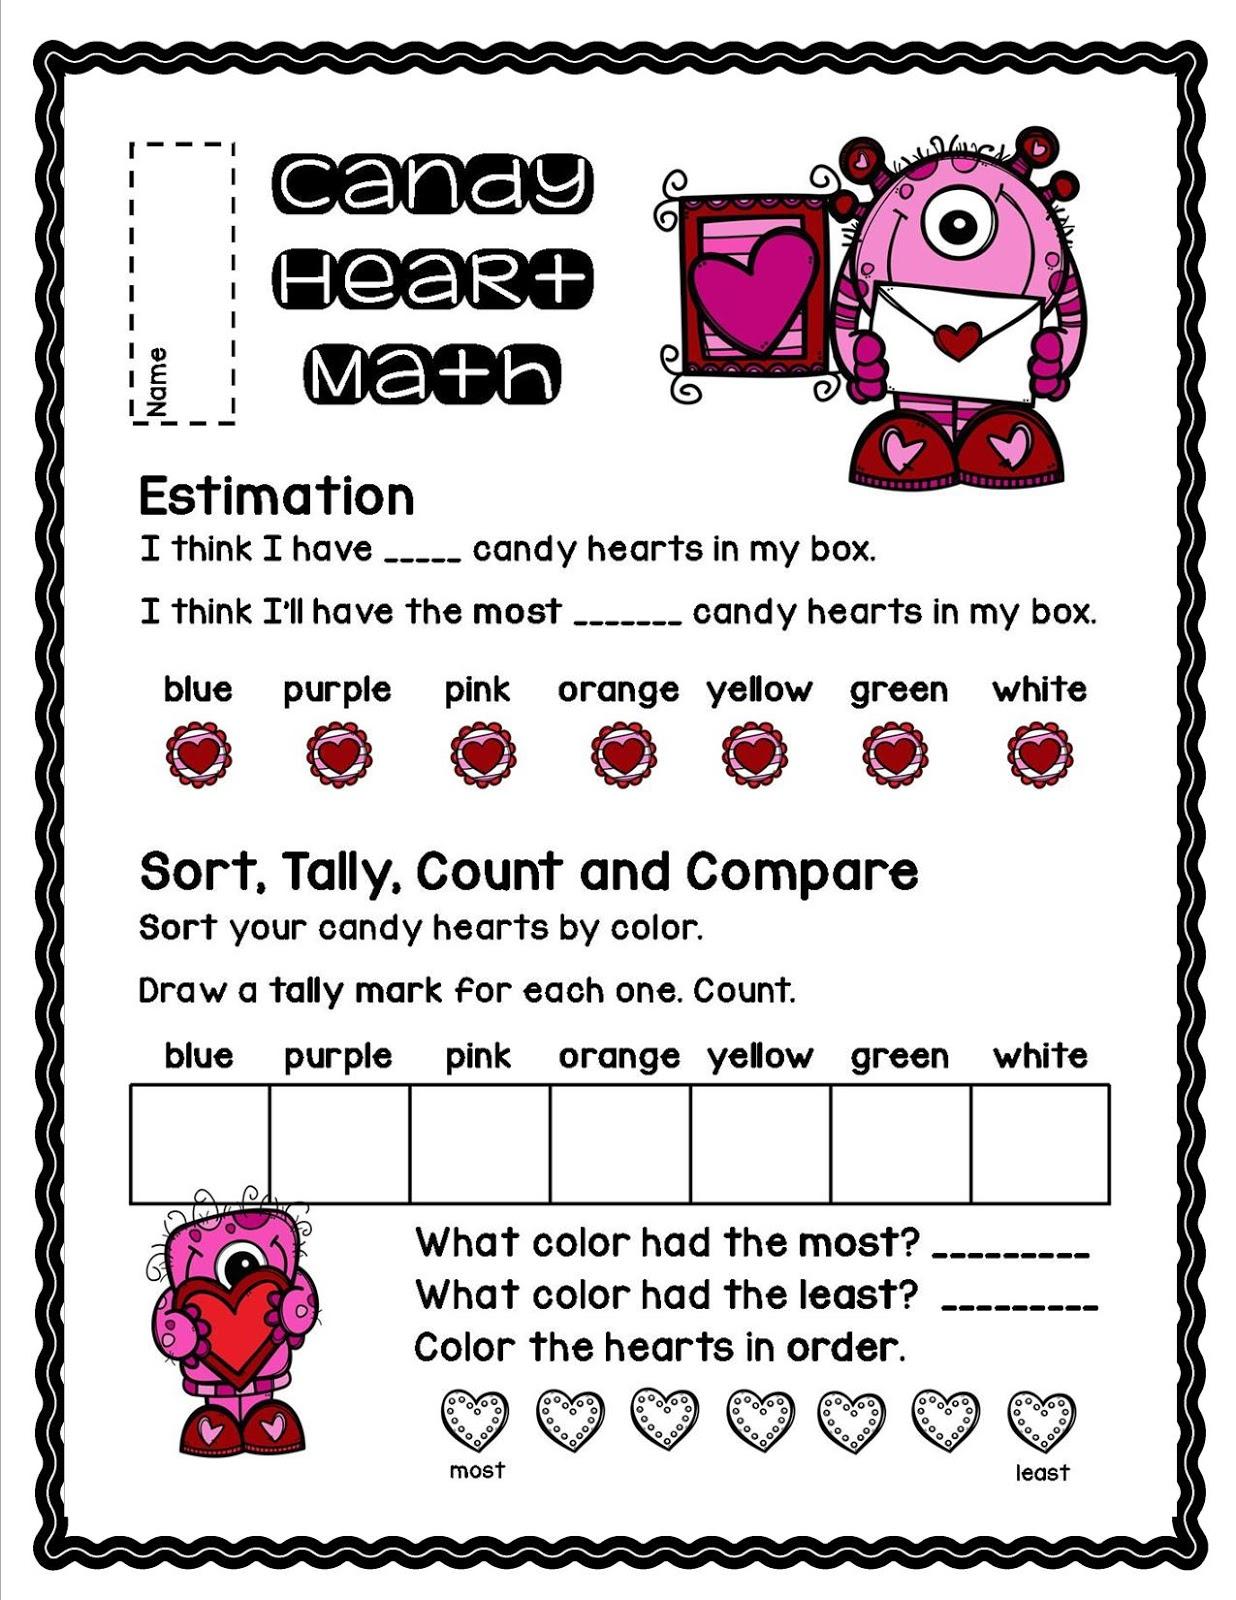 Lory S 2nd Grade Skills Candy Heart Math